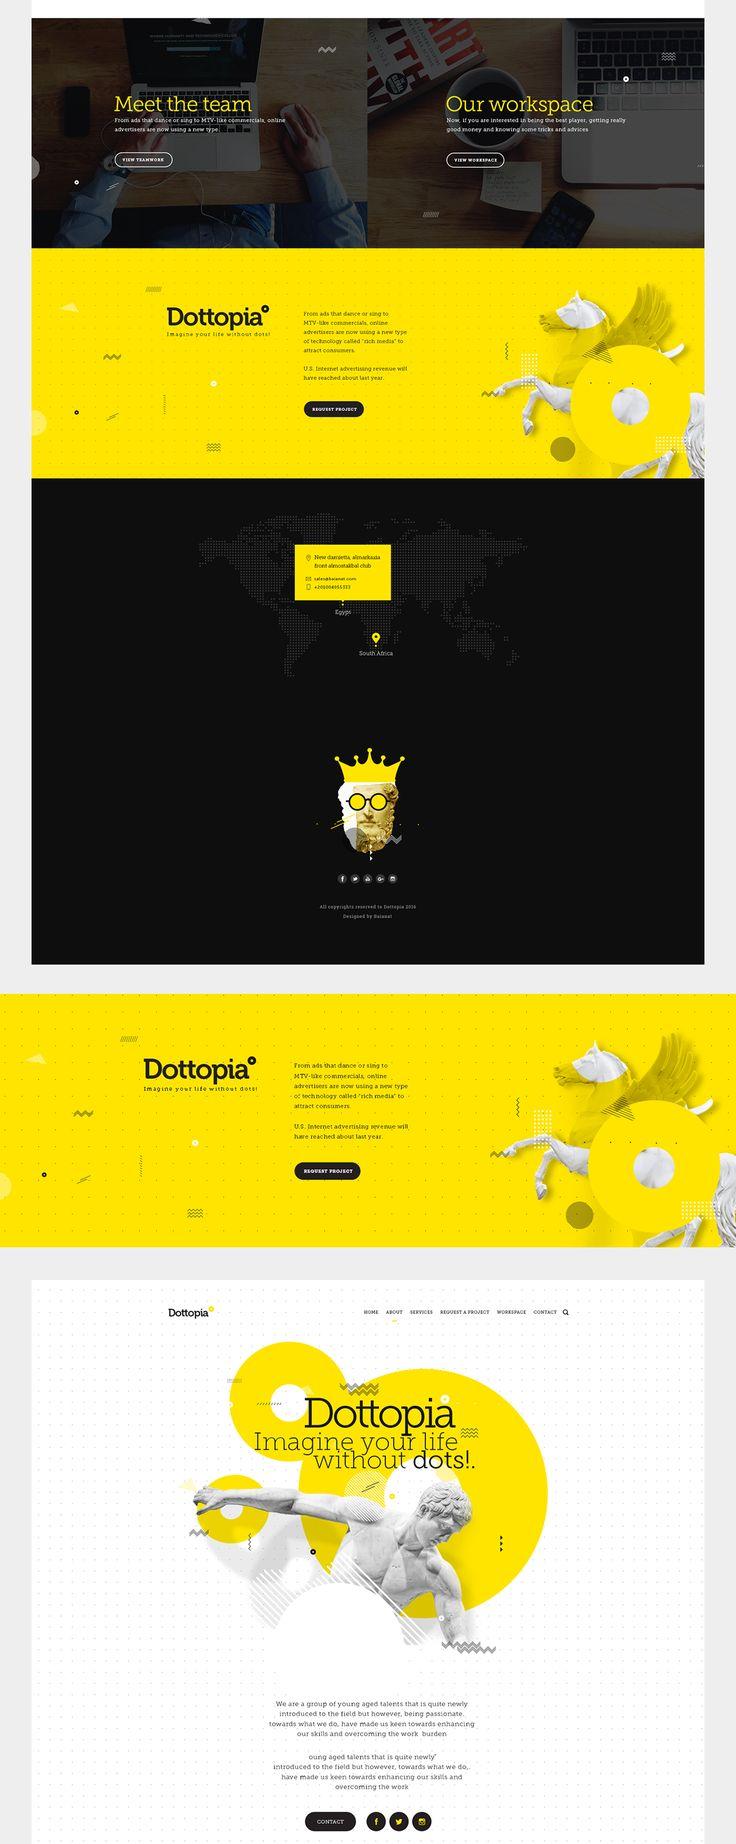 Dottopia web design for graphics services.